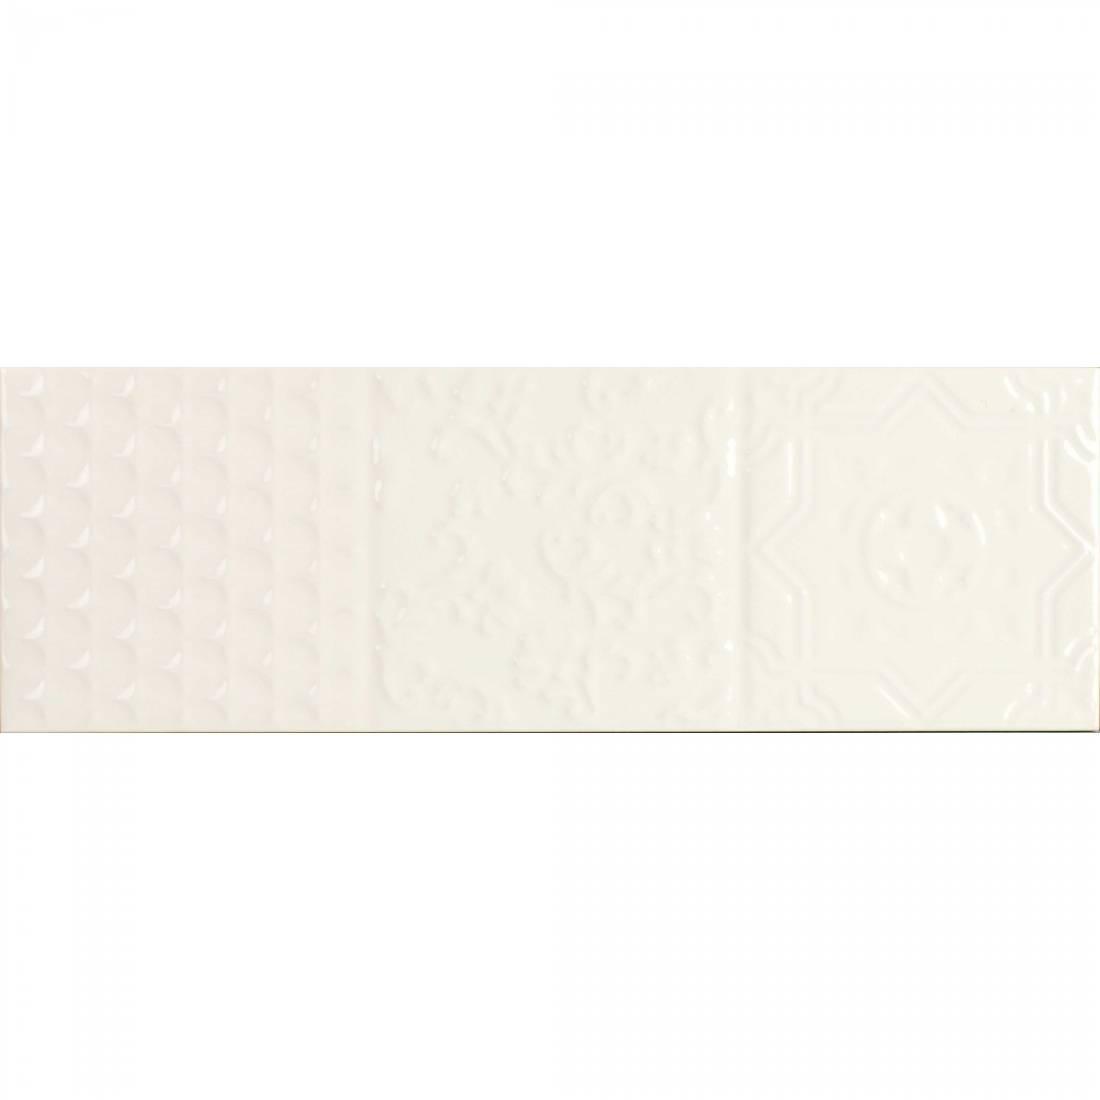 Esencia Relieve 10x30 Cream Gloss 1